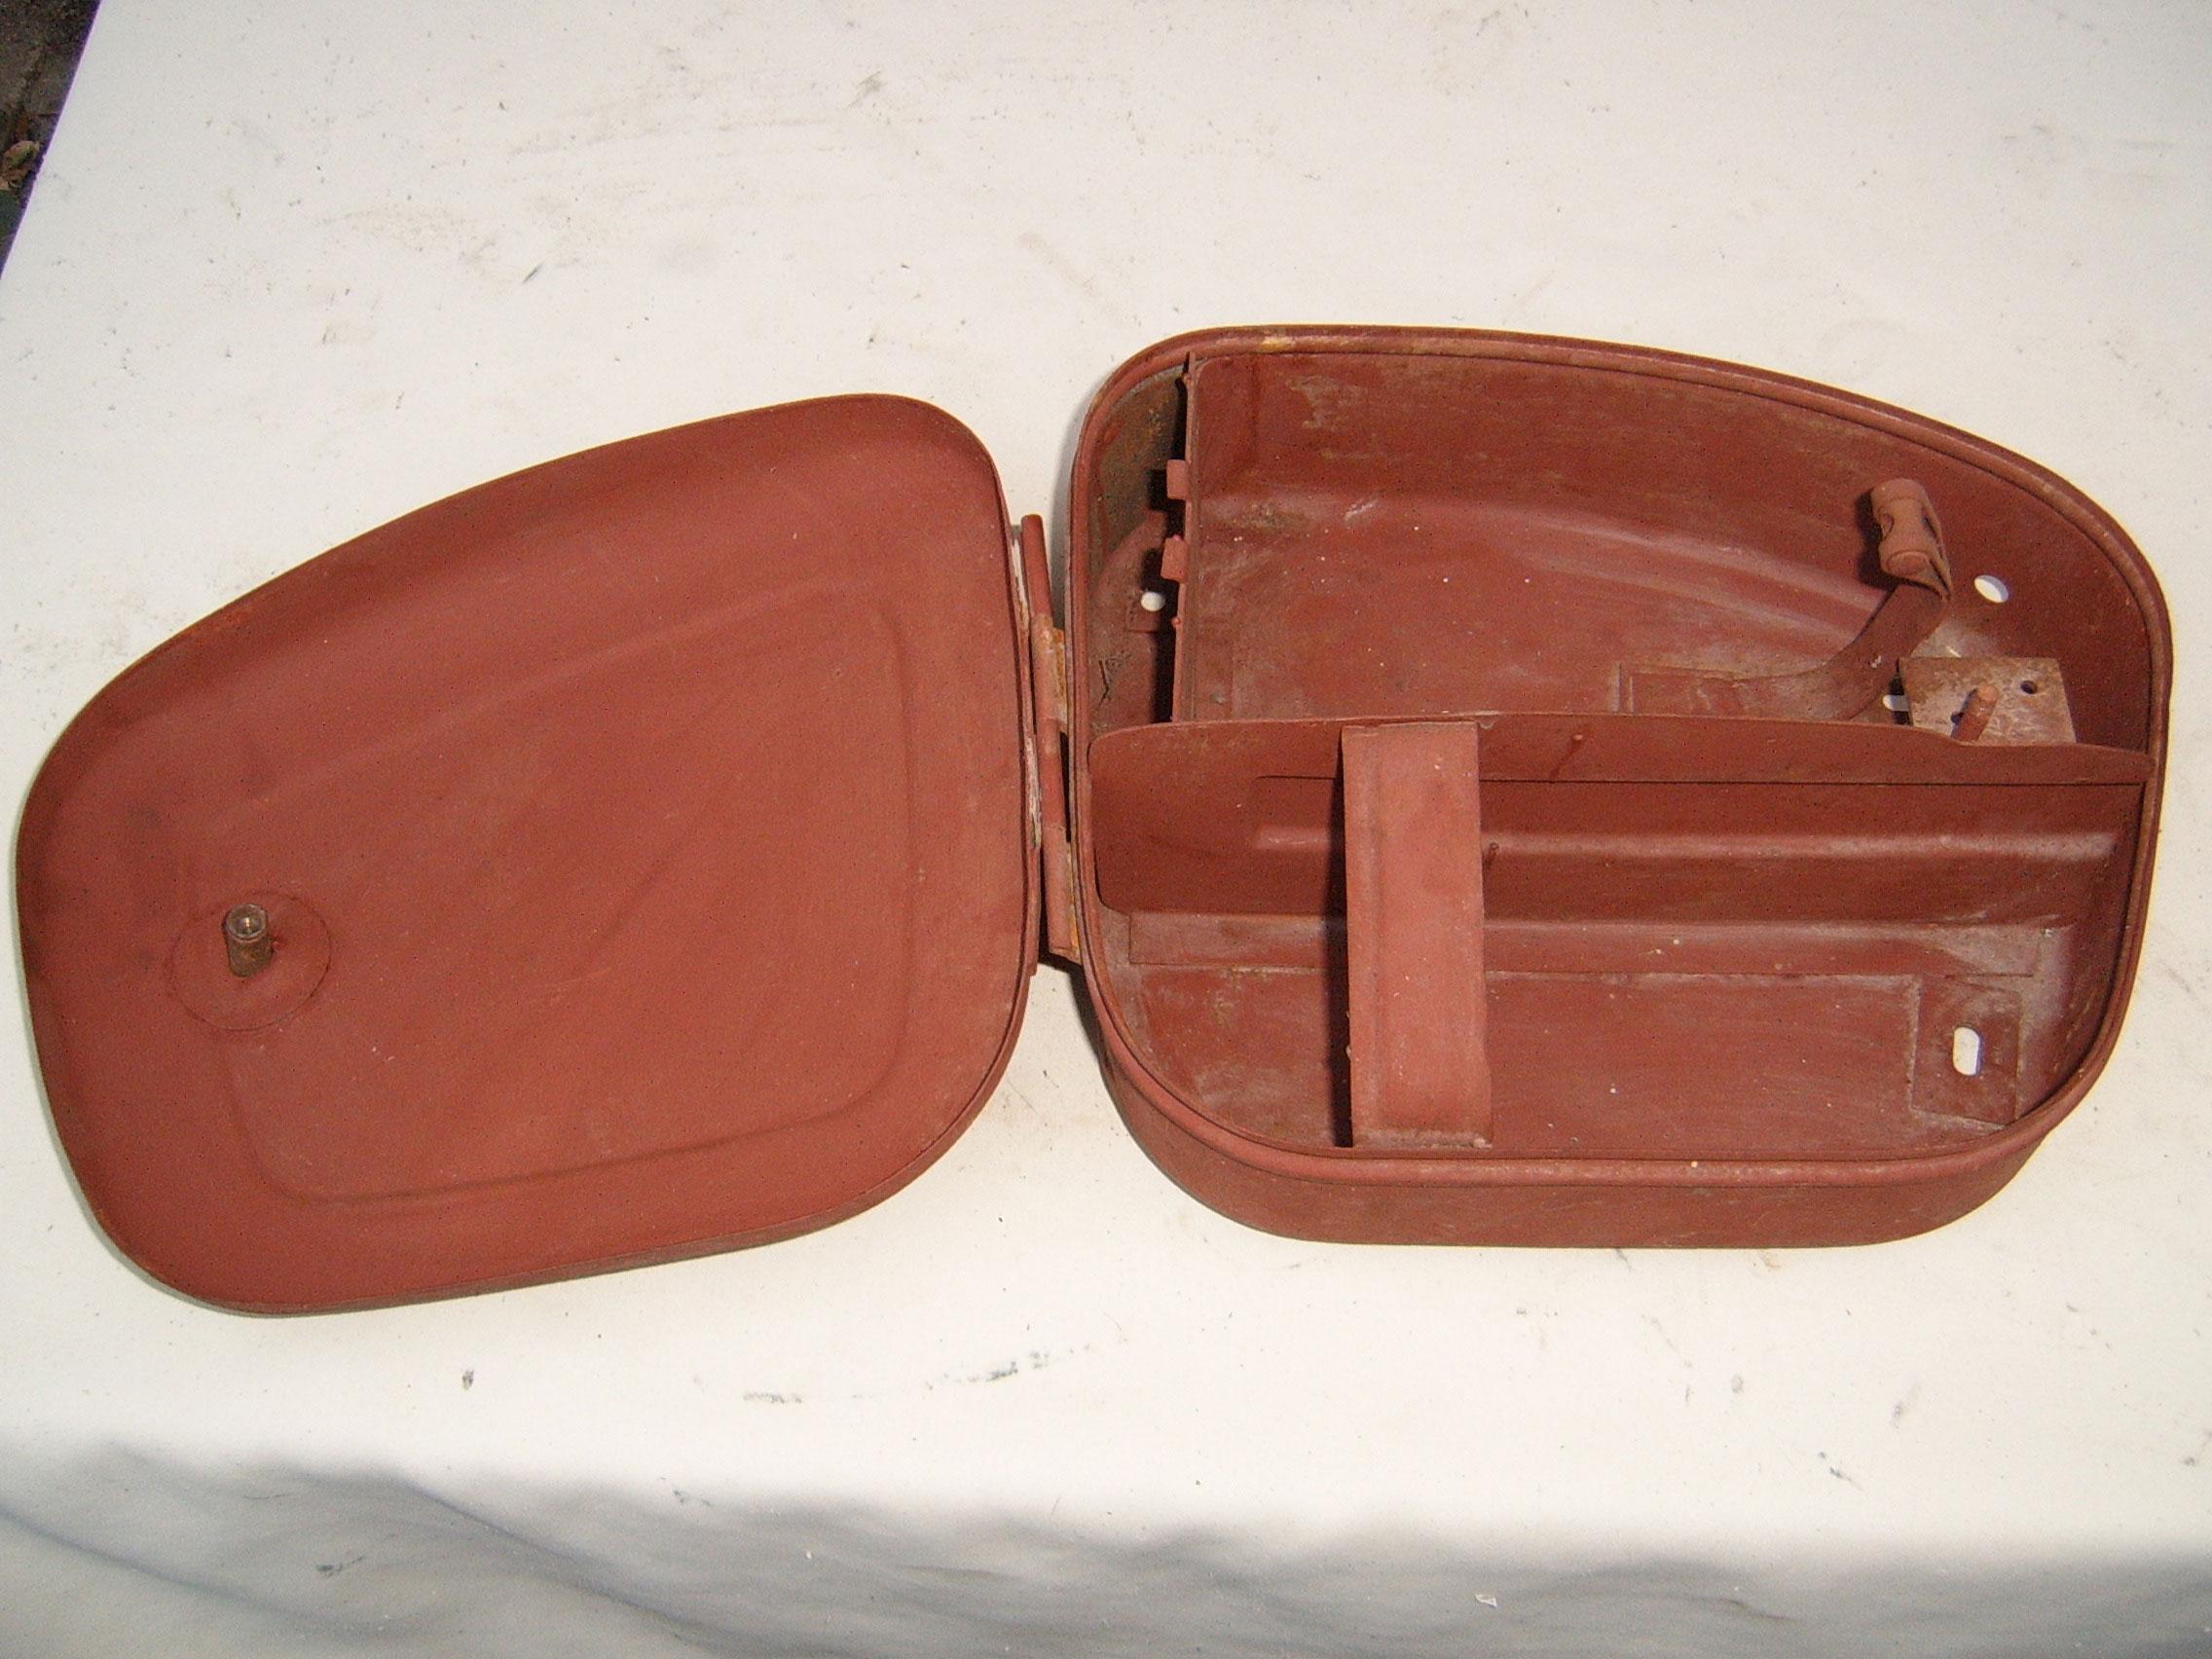 werkzeugbeh lter ifa mz bk 350 breit mz ersatzteileshop. Black Bedroom Furniture Sets. Home Design Ideas